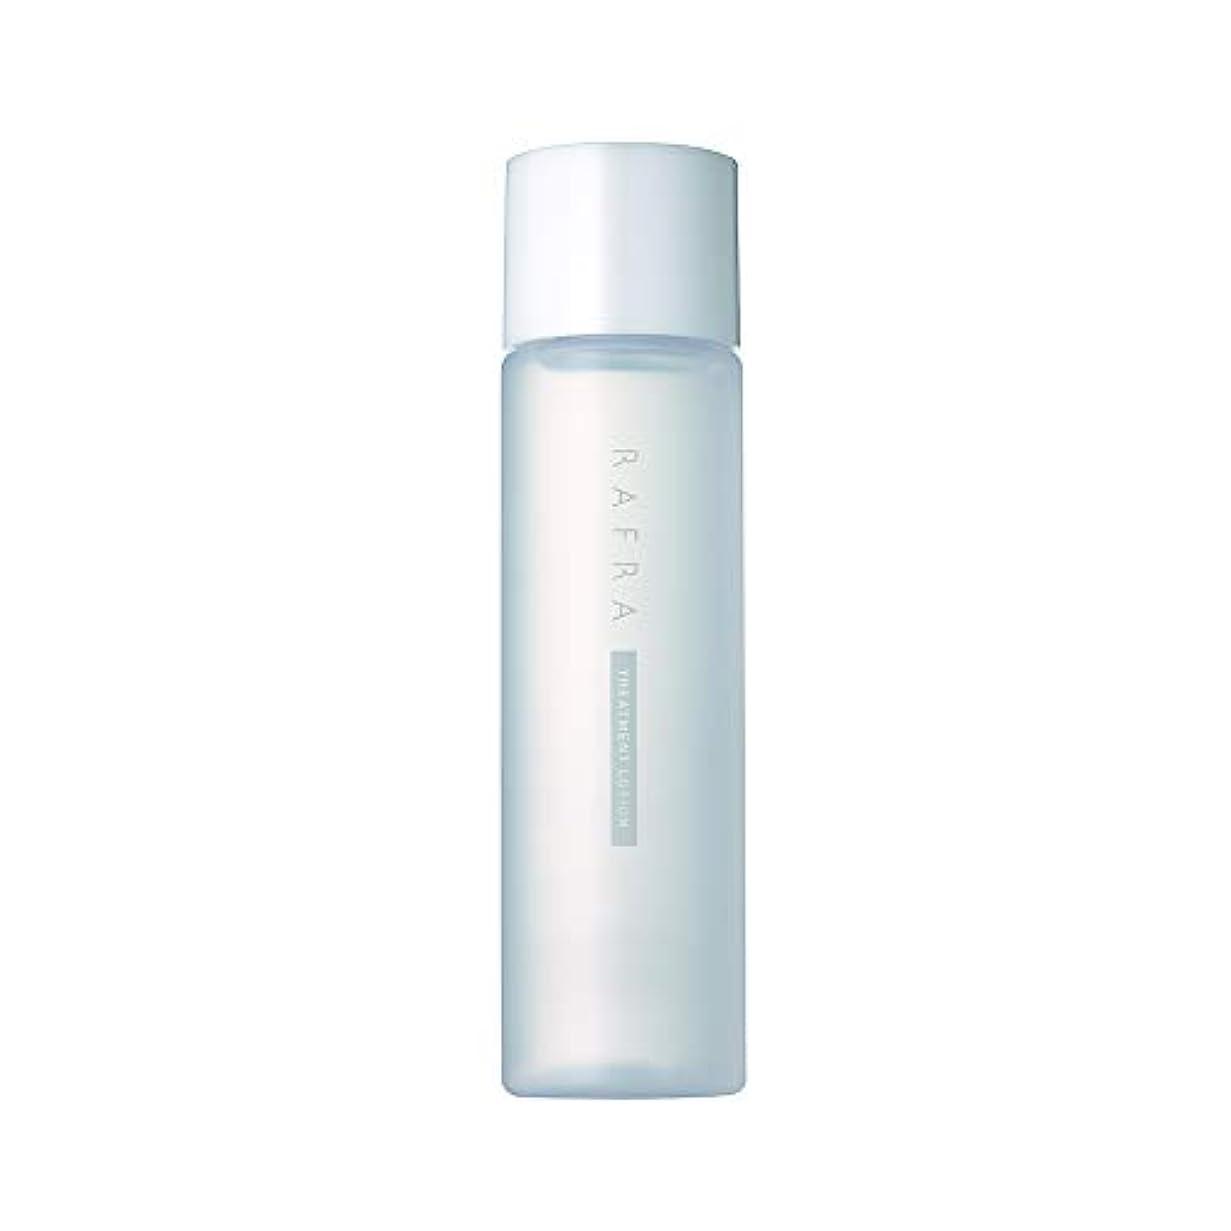 ラフラ トリートメントローション 150ml 化粧水 ブースター 導入液